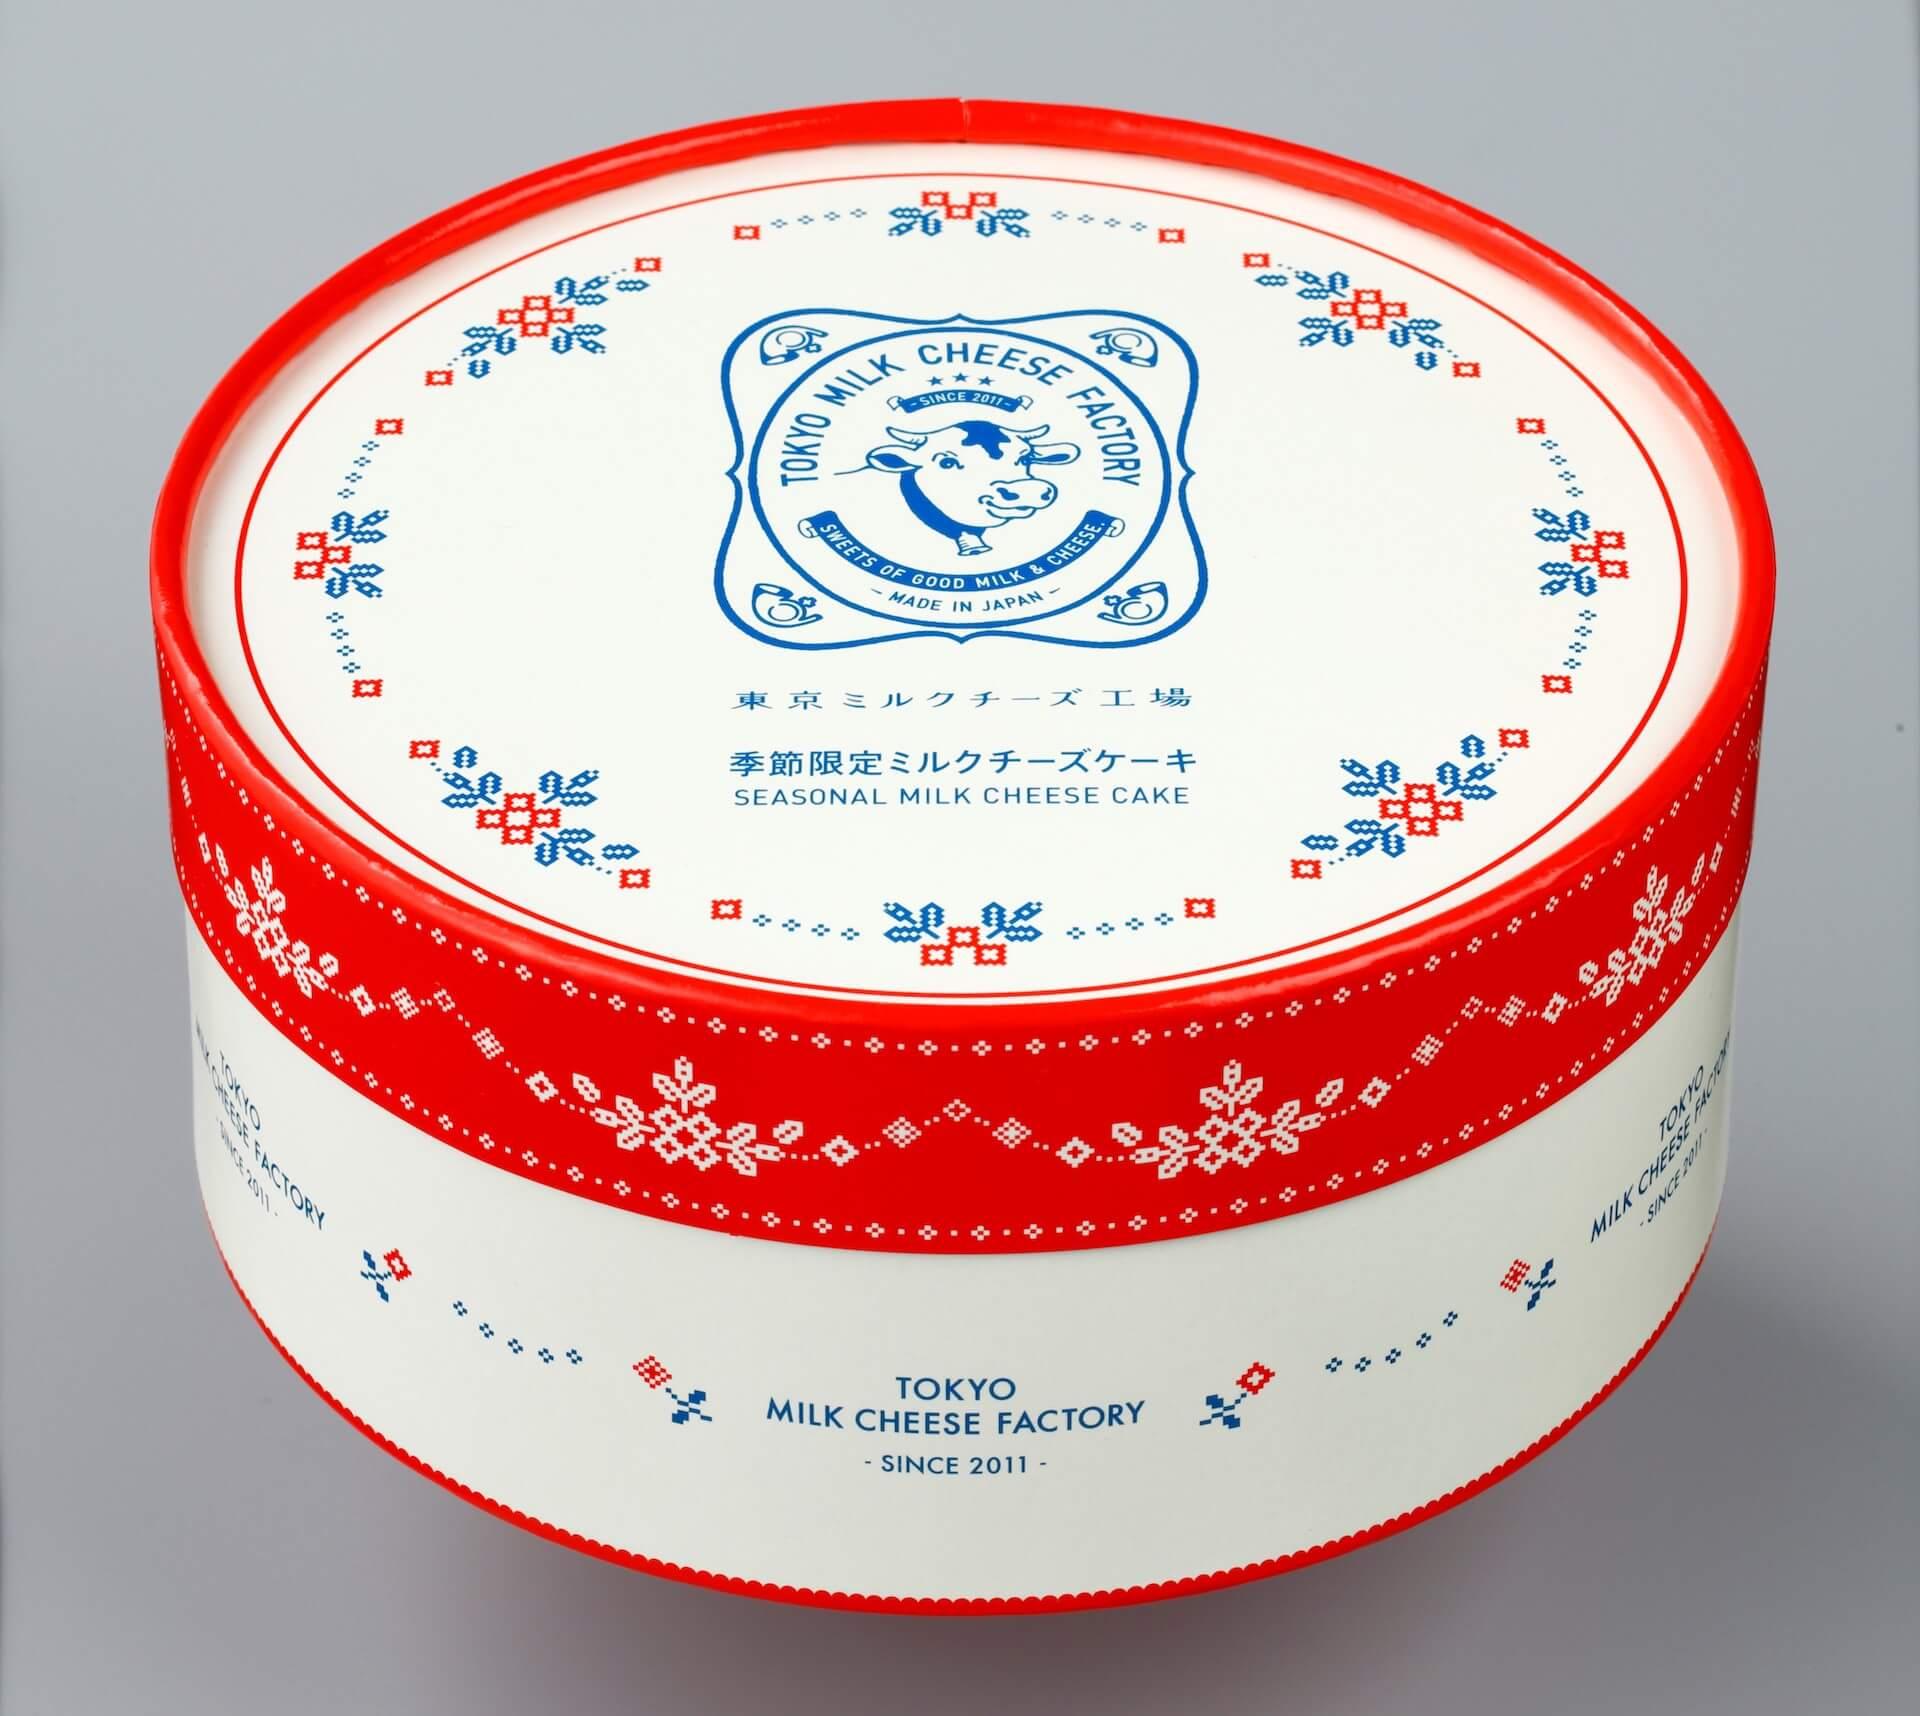 東京ミルクチーズ工場から冬季限定の『ミルクチーズケーキ ティラミス』が登場!濃厚チーズを引き立たせるココアスポンジ生地が特徴 gourmet20201029_tokyomilkcheese_6